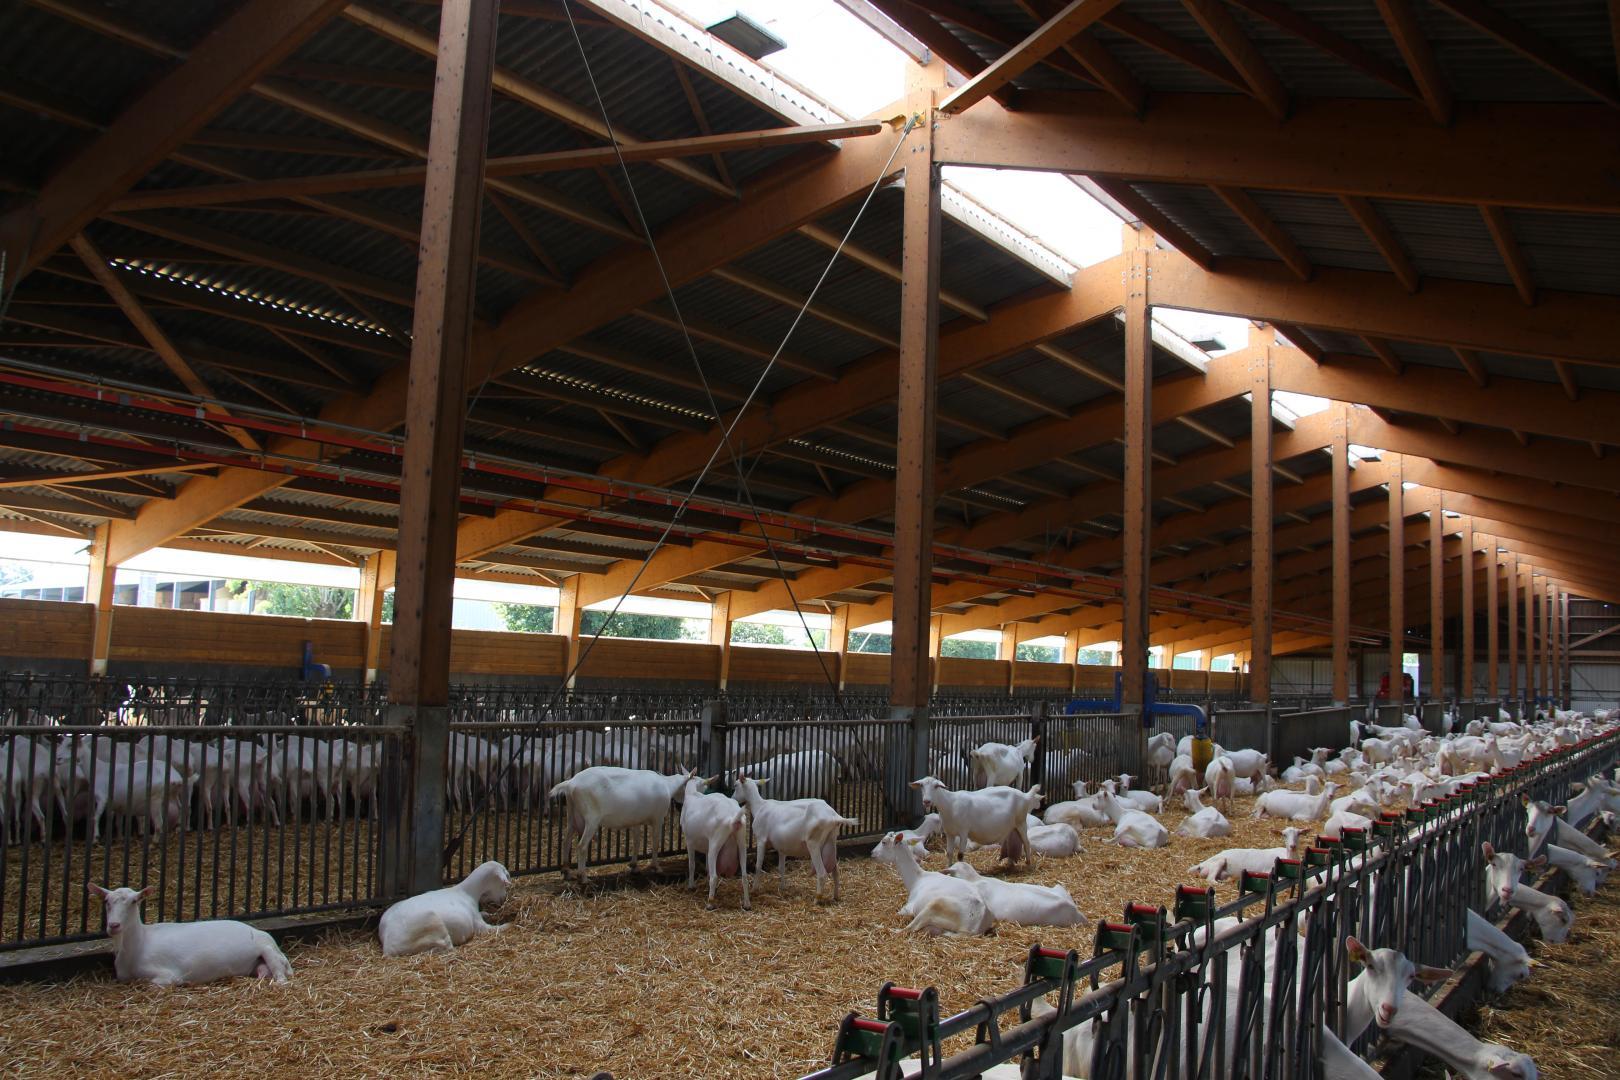 Fabrication artisanale de fromage de chèvre à Pougné-Hérisson